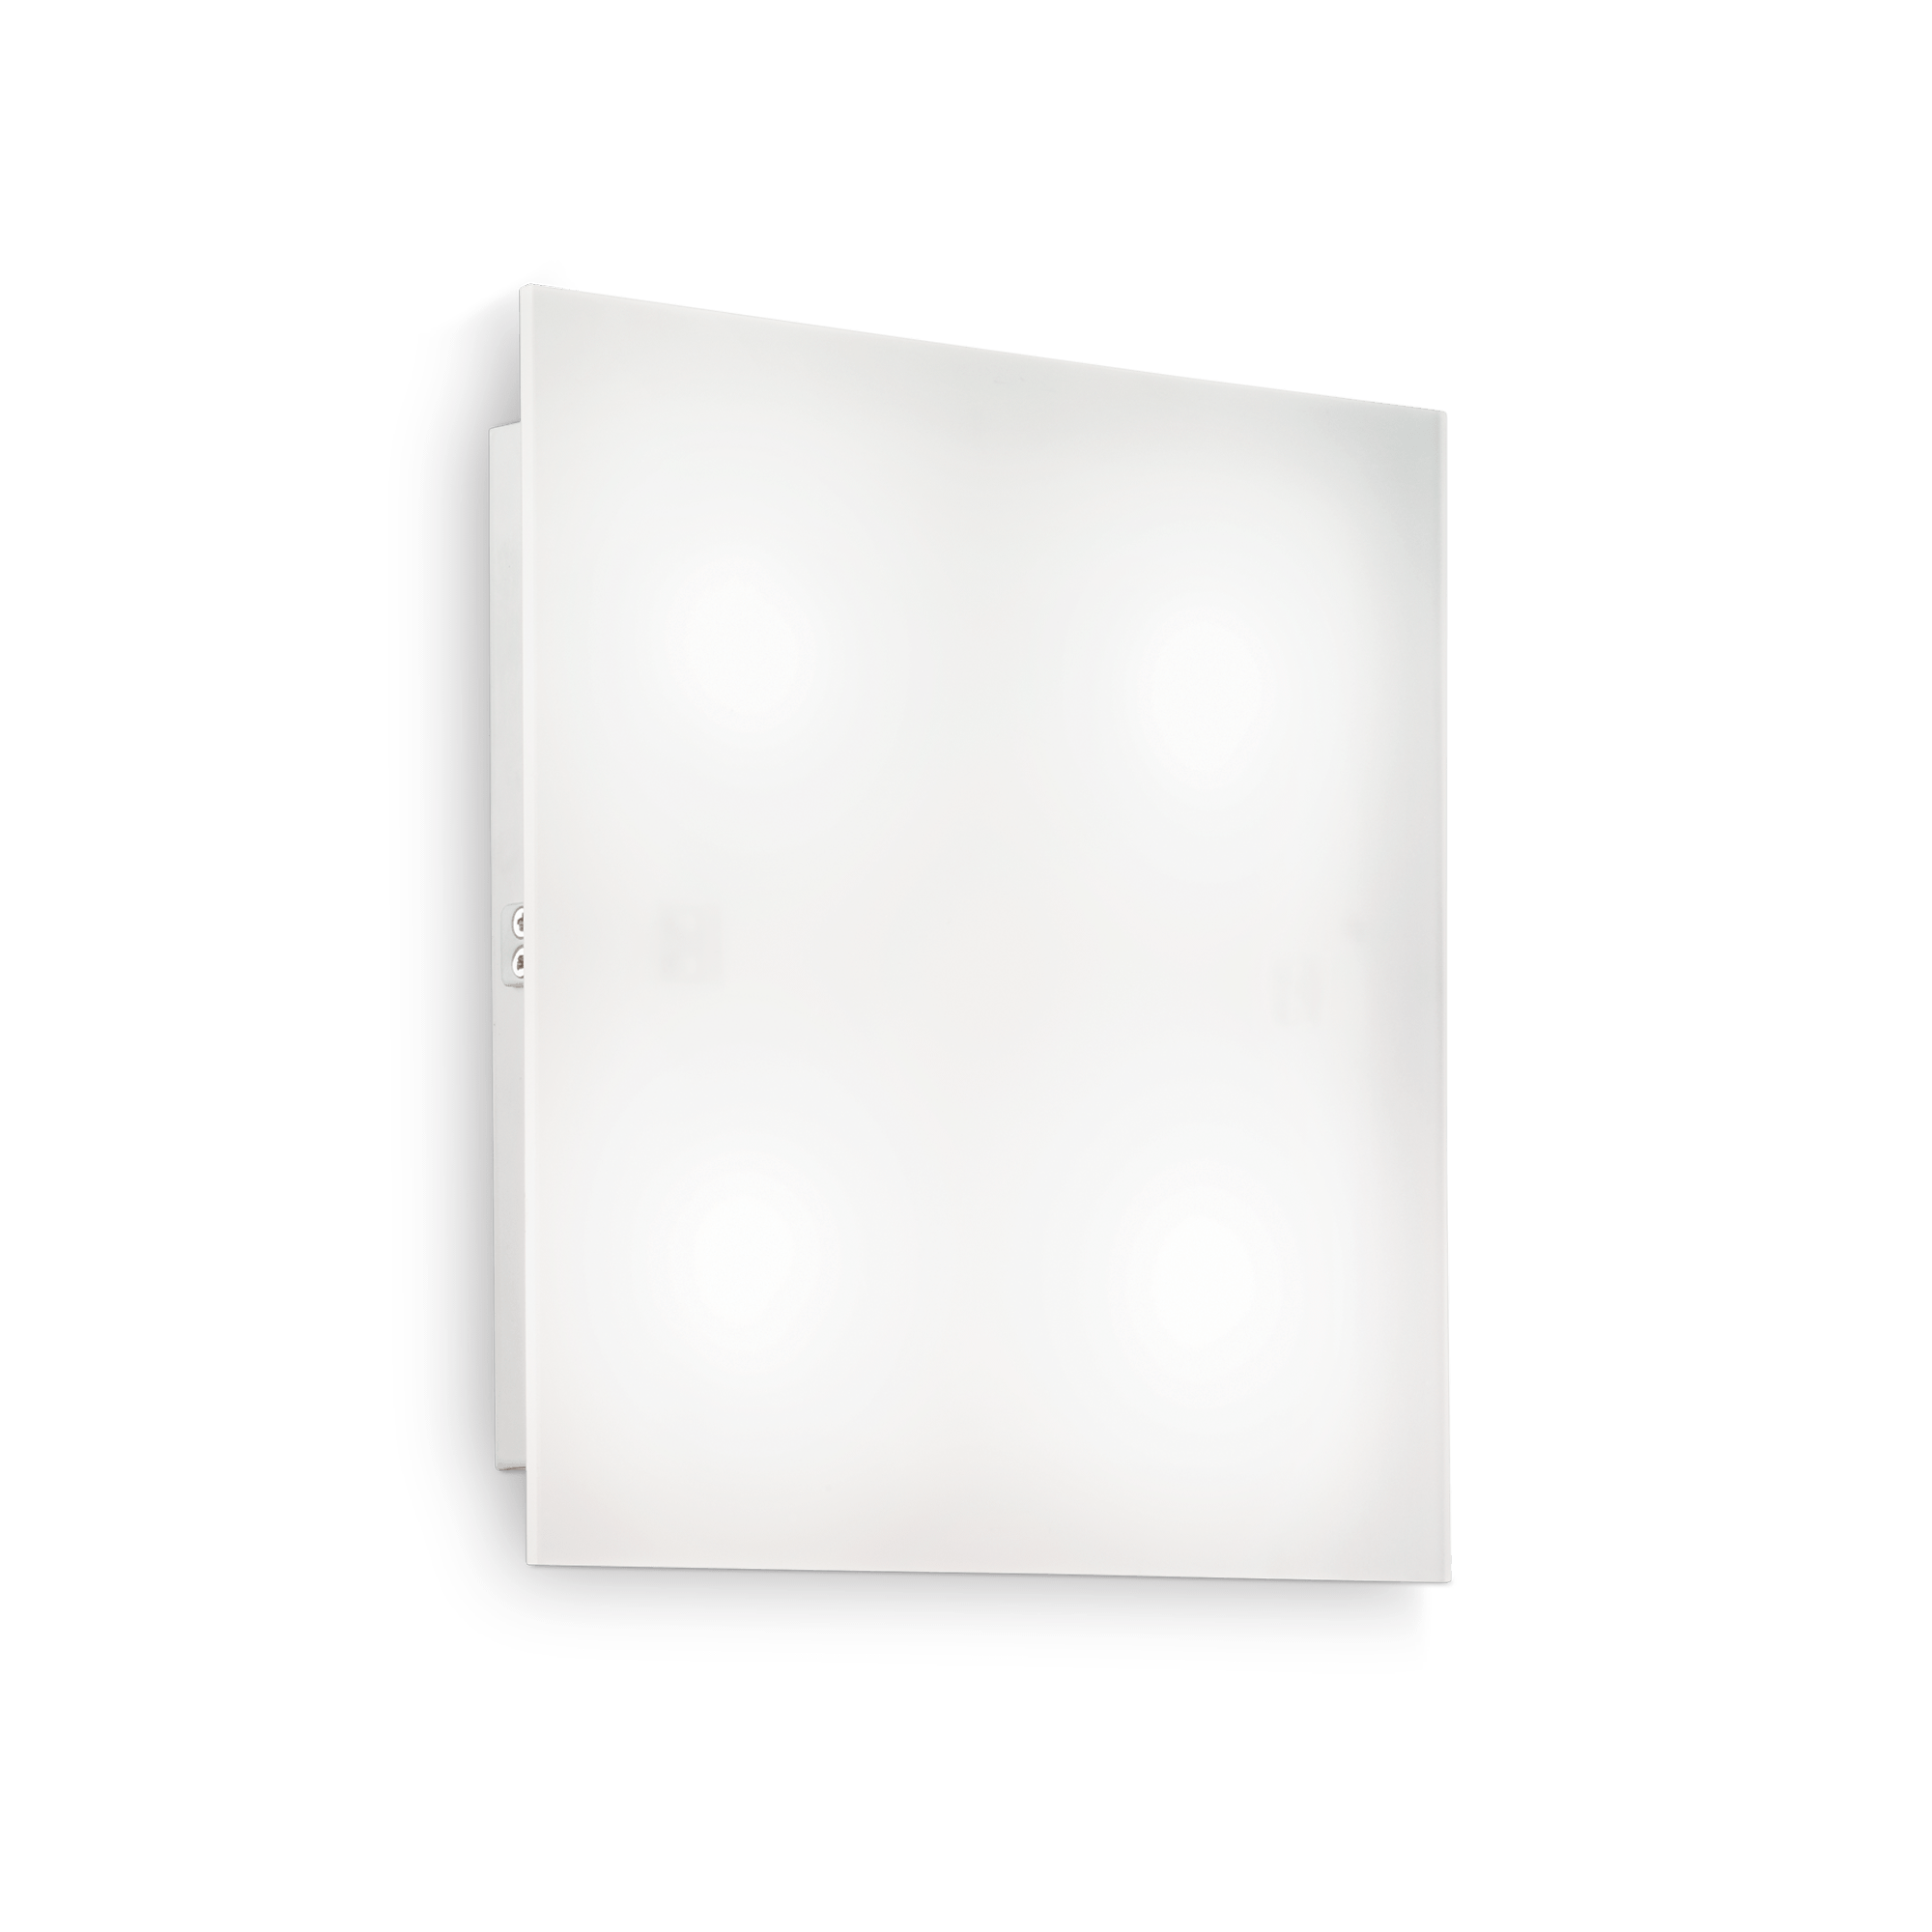 Ideal Lux 134901 Flat PL4 D40 mennyezeti lámpa